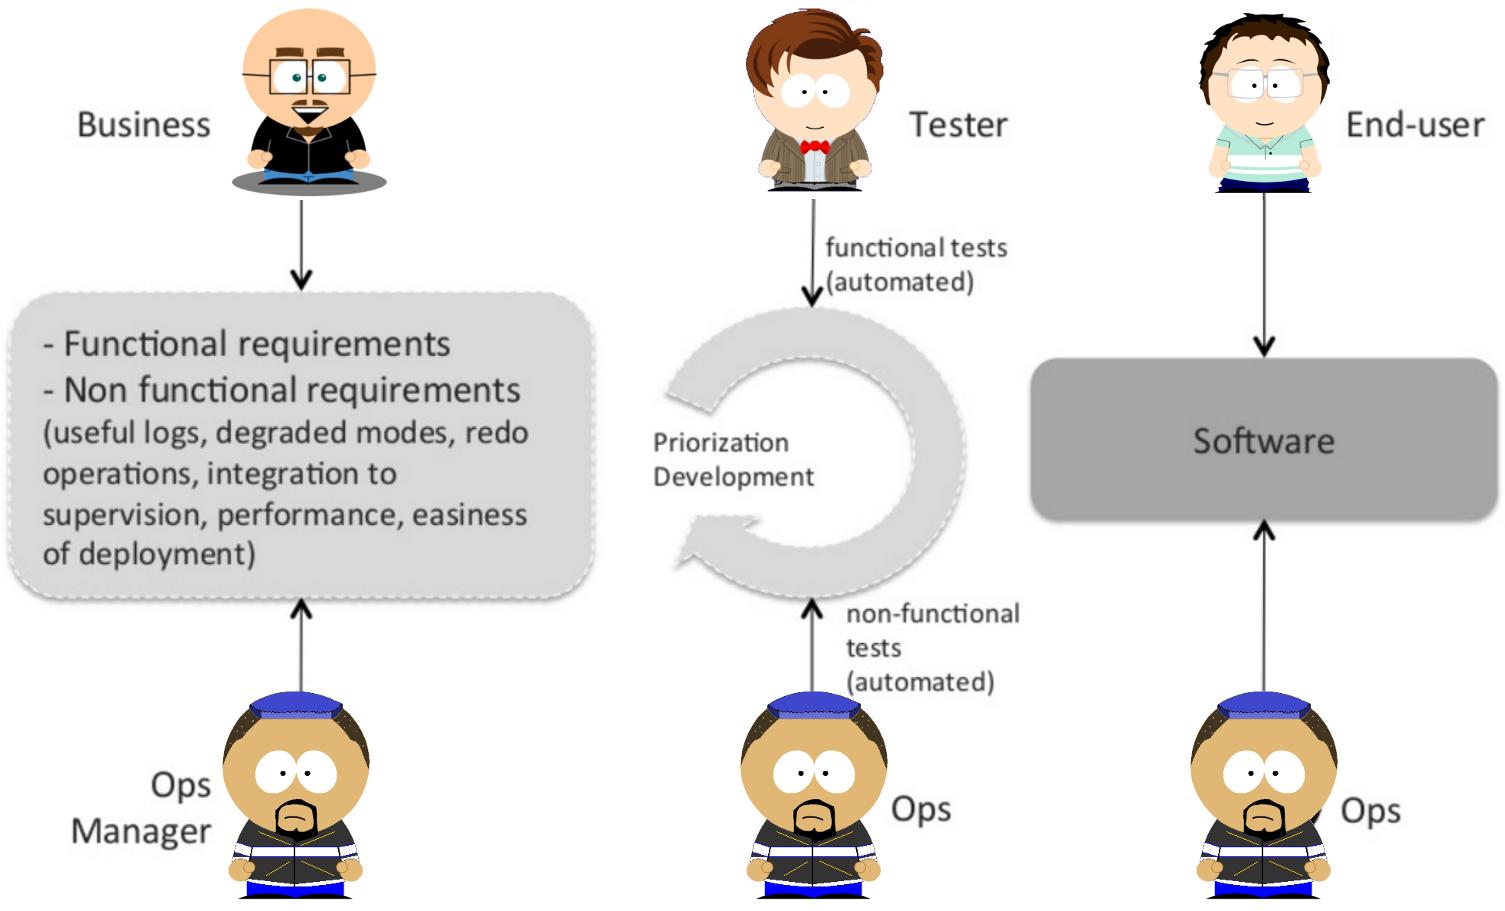 有运维人员参与的软件开发流程